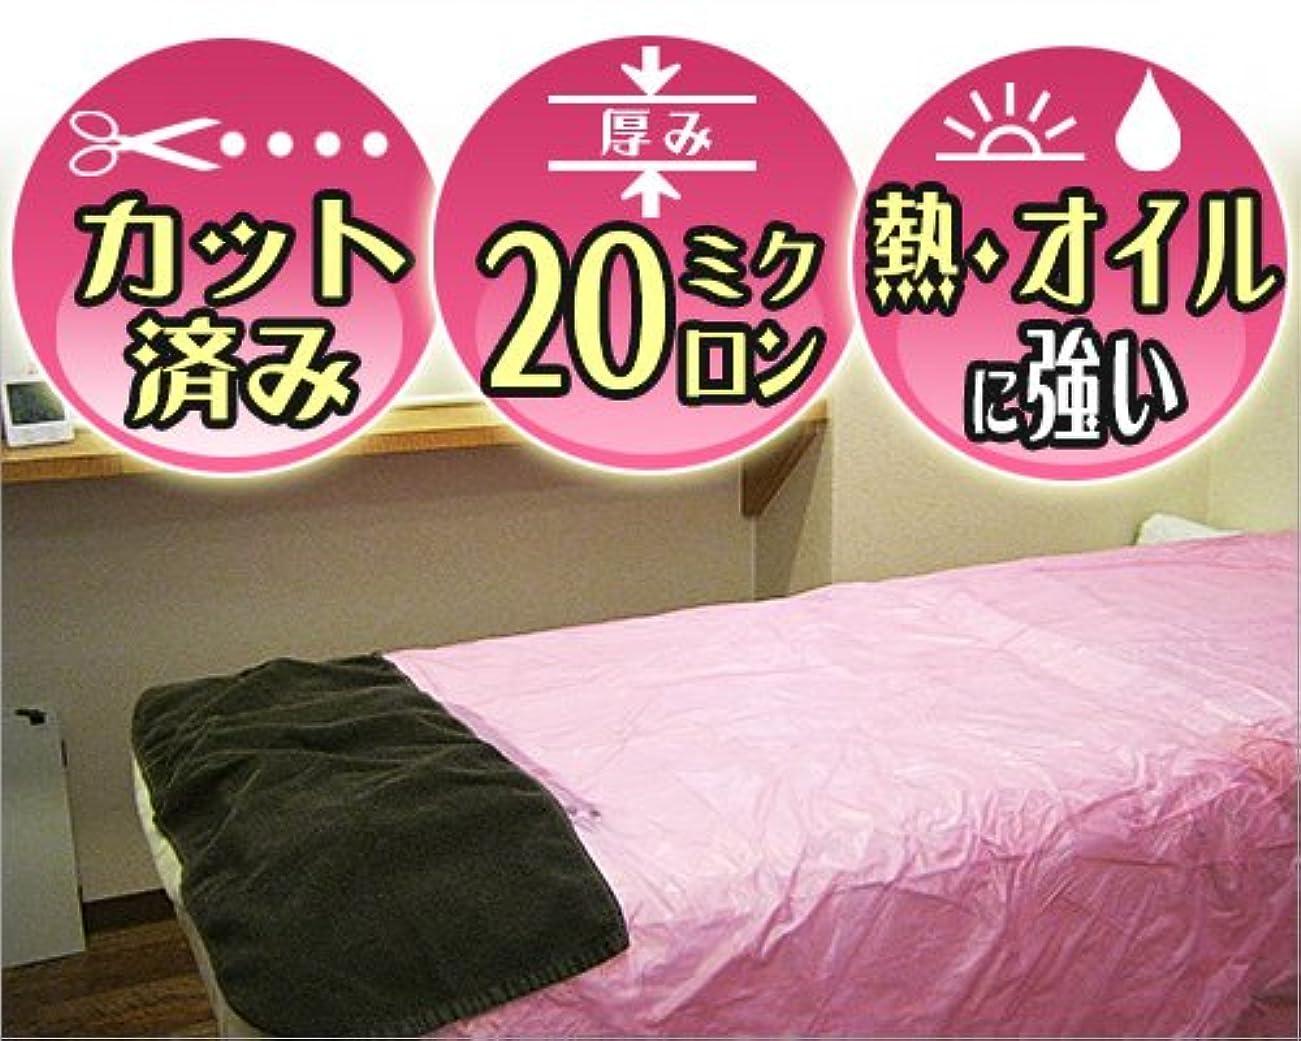 精神反対に女性パラフィンシート 100枚 / カット済 / 20ミクロン / ピンク/エステ消耗品